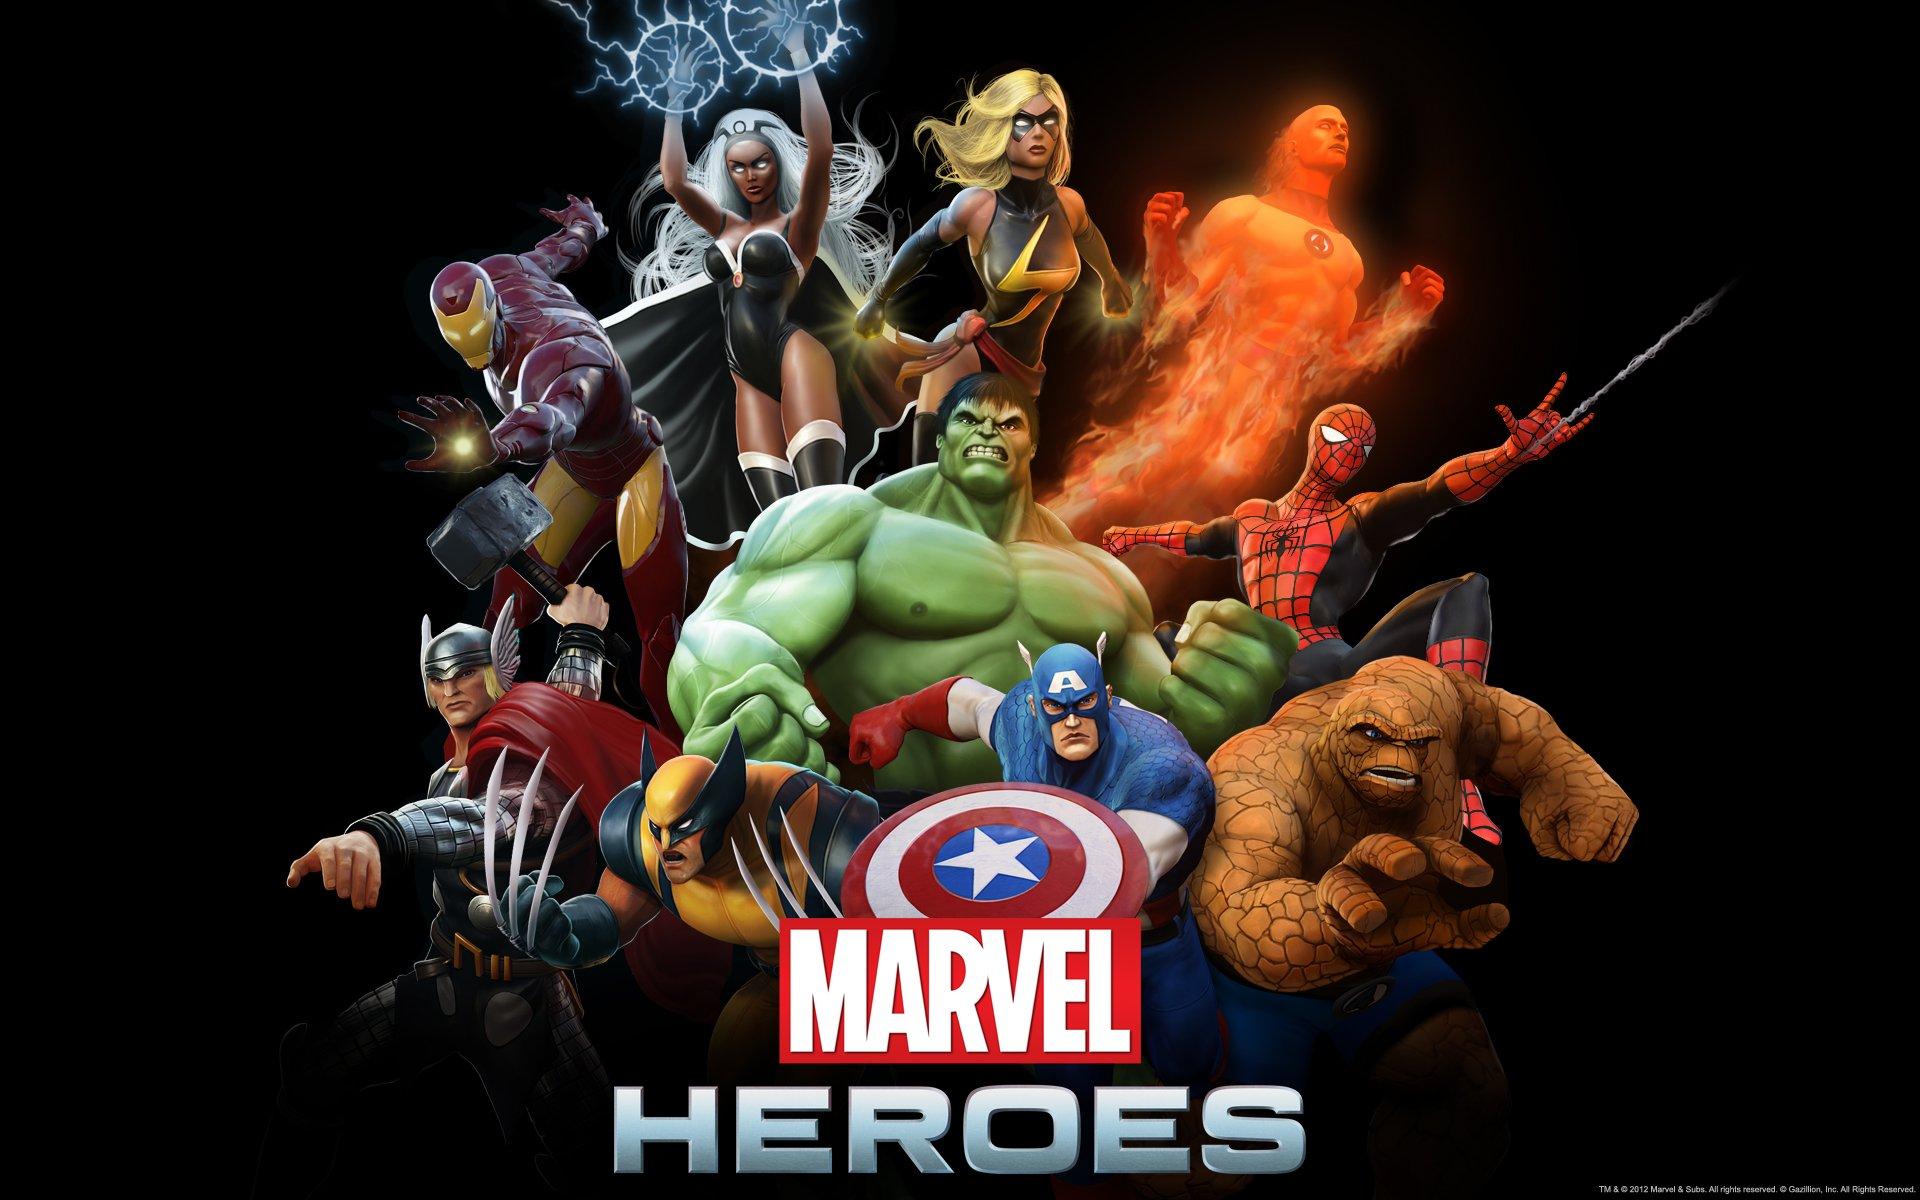 Народ, кто играет в бету Marvel Heroes, как оно вам? ;)  - Изображение 1